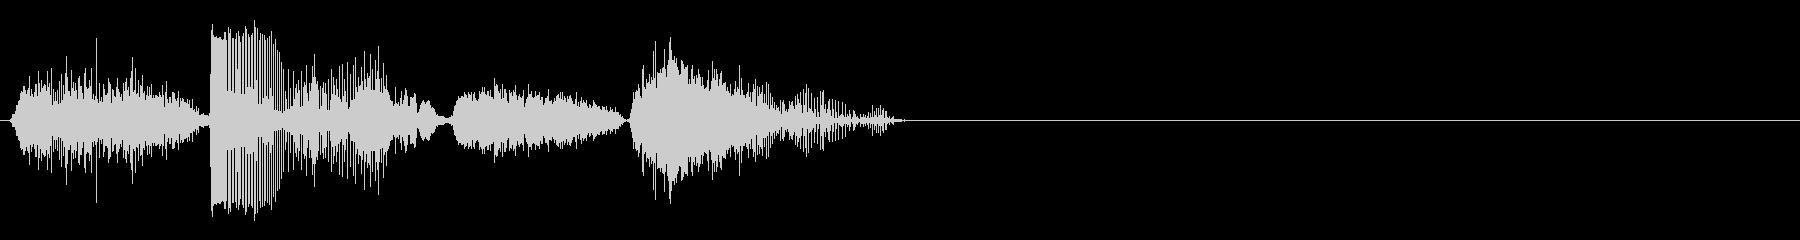 ファニー・ビッグ・インヘール、バジ...の未再生の波形